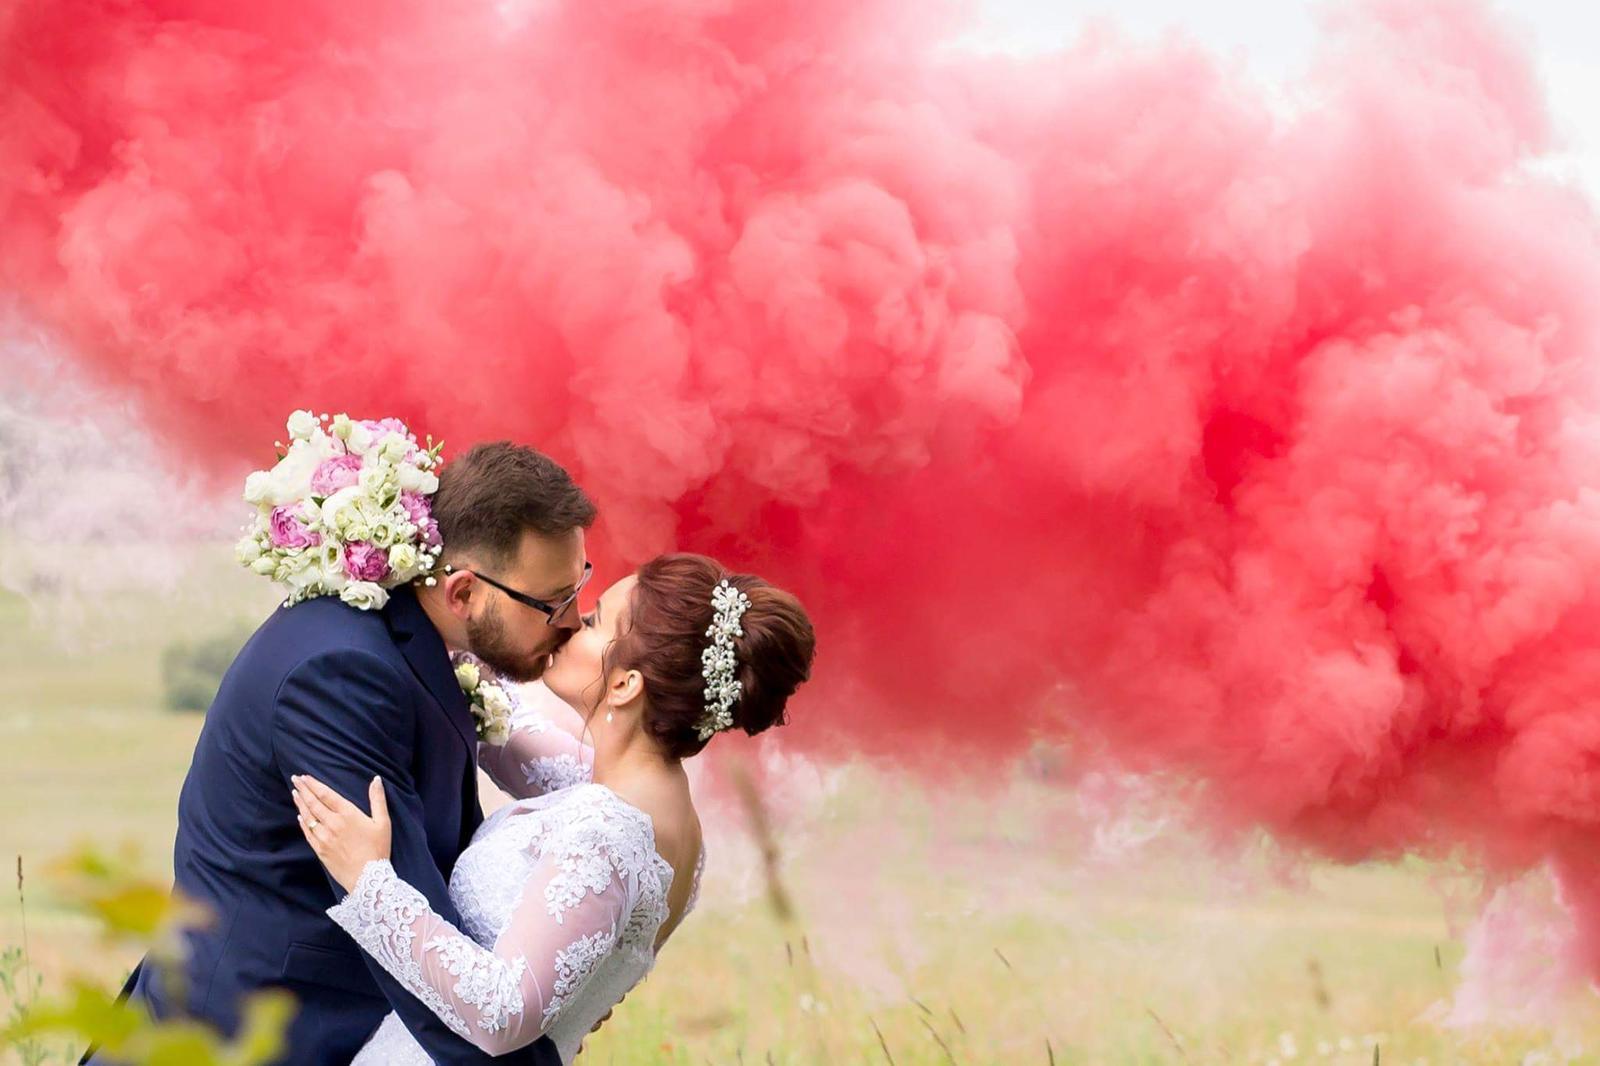 Naša svadba 23.06.2018 ❤❤ - Obrázok č. 1